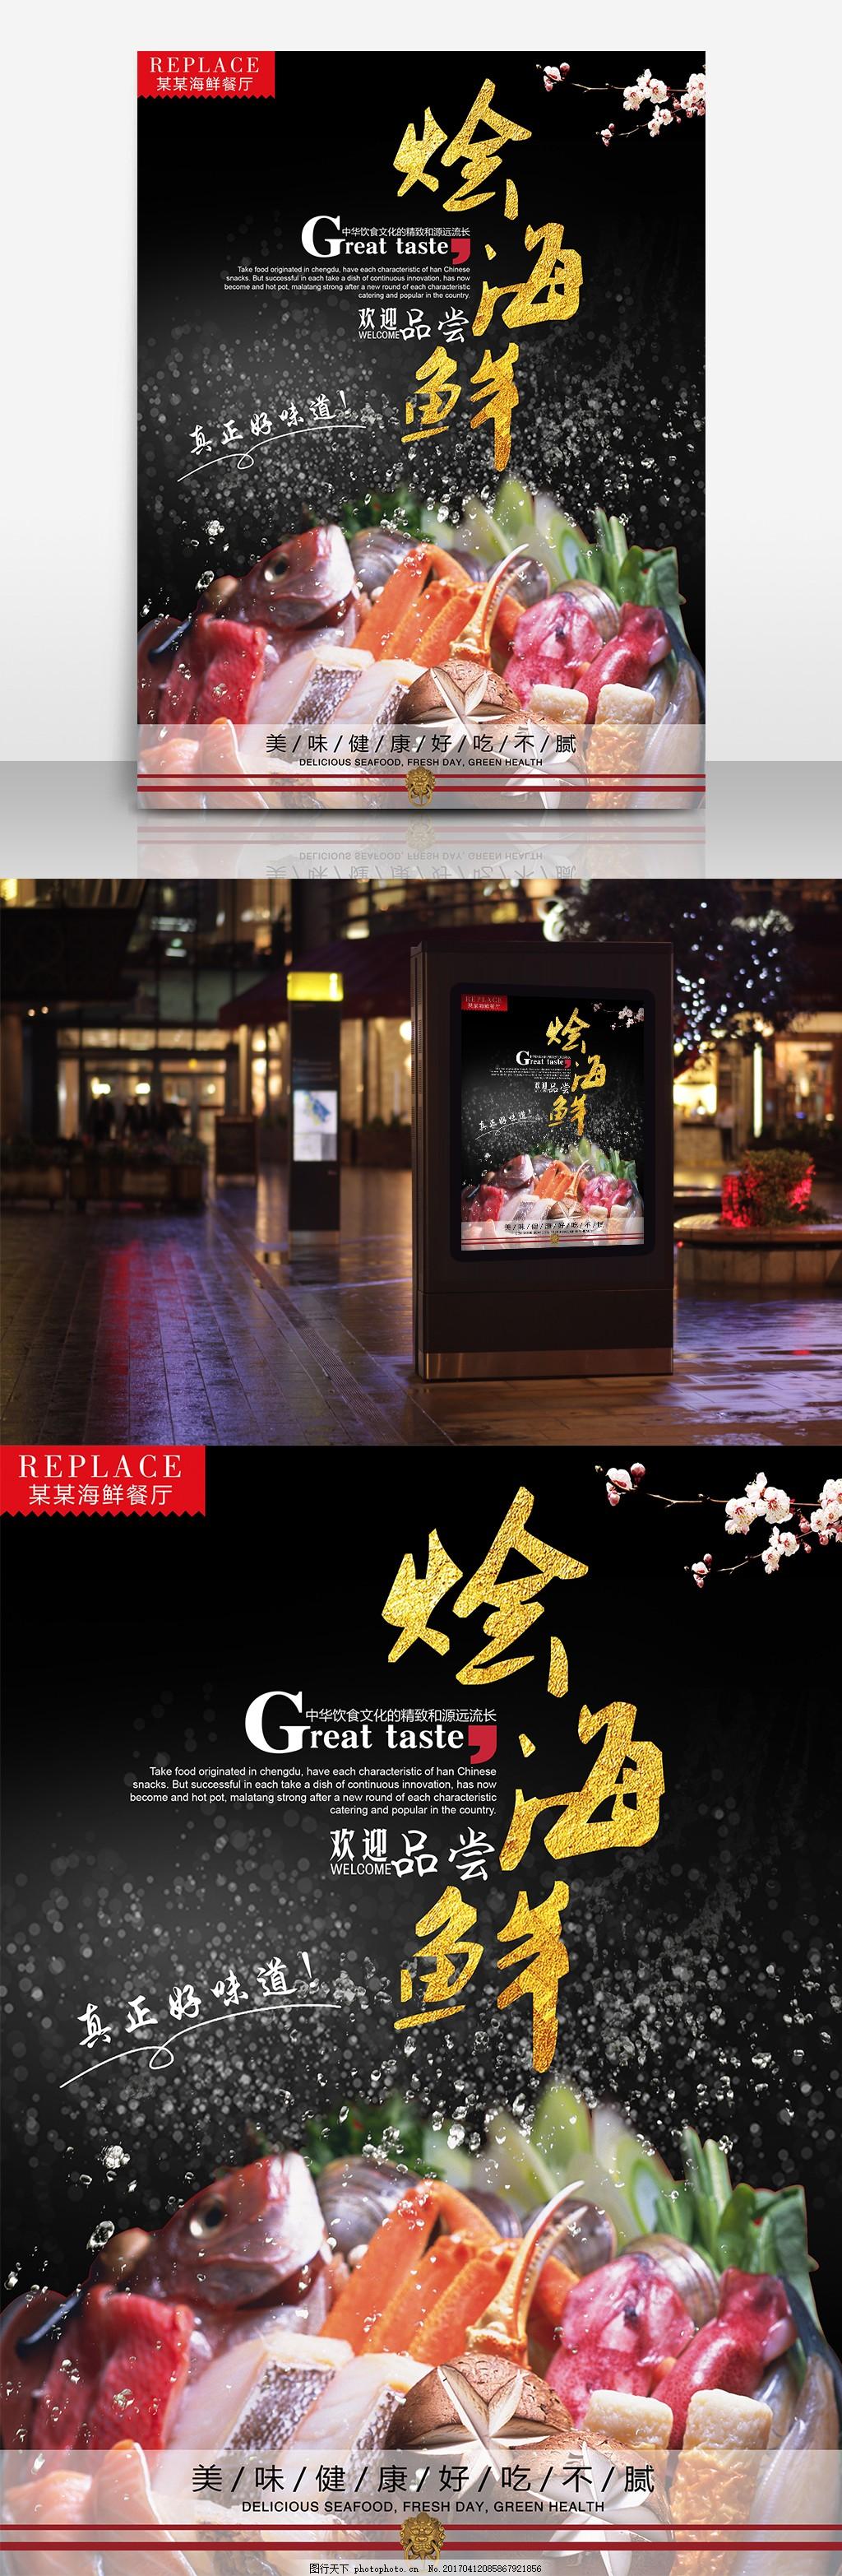 海鲜美食海报 海鲜餐厅海报设计 海鲜 海报 传单 双面 彩页 餐饮 自助